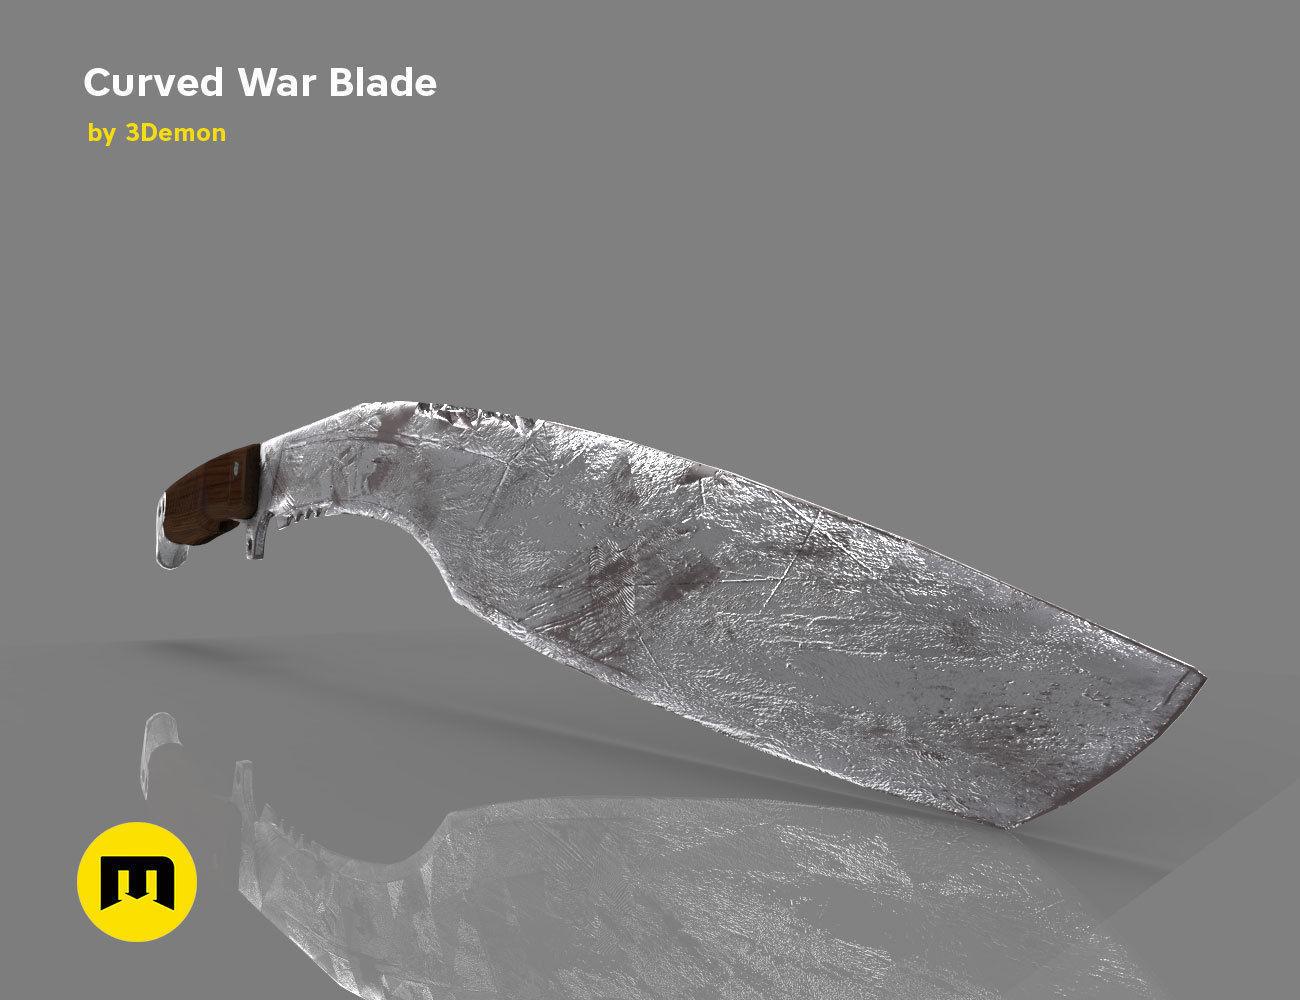 Curved War Blade